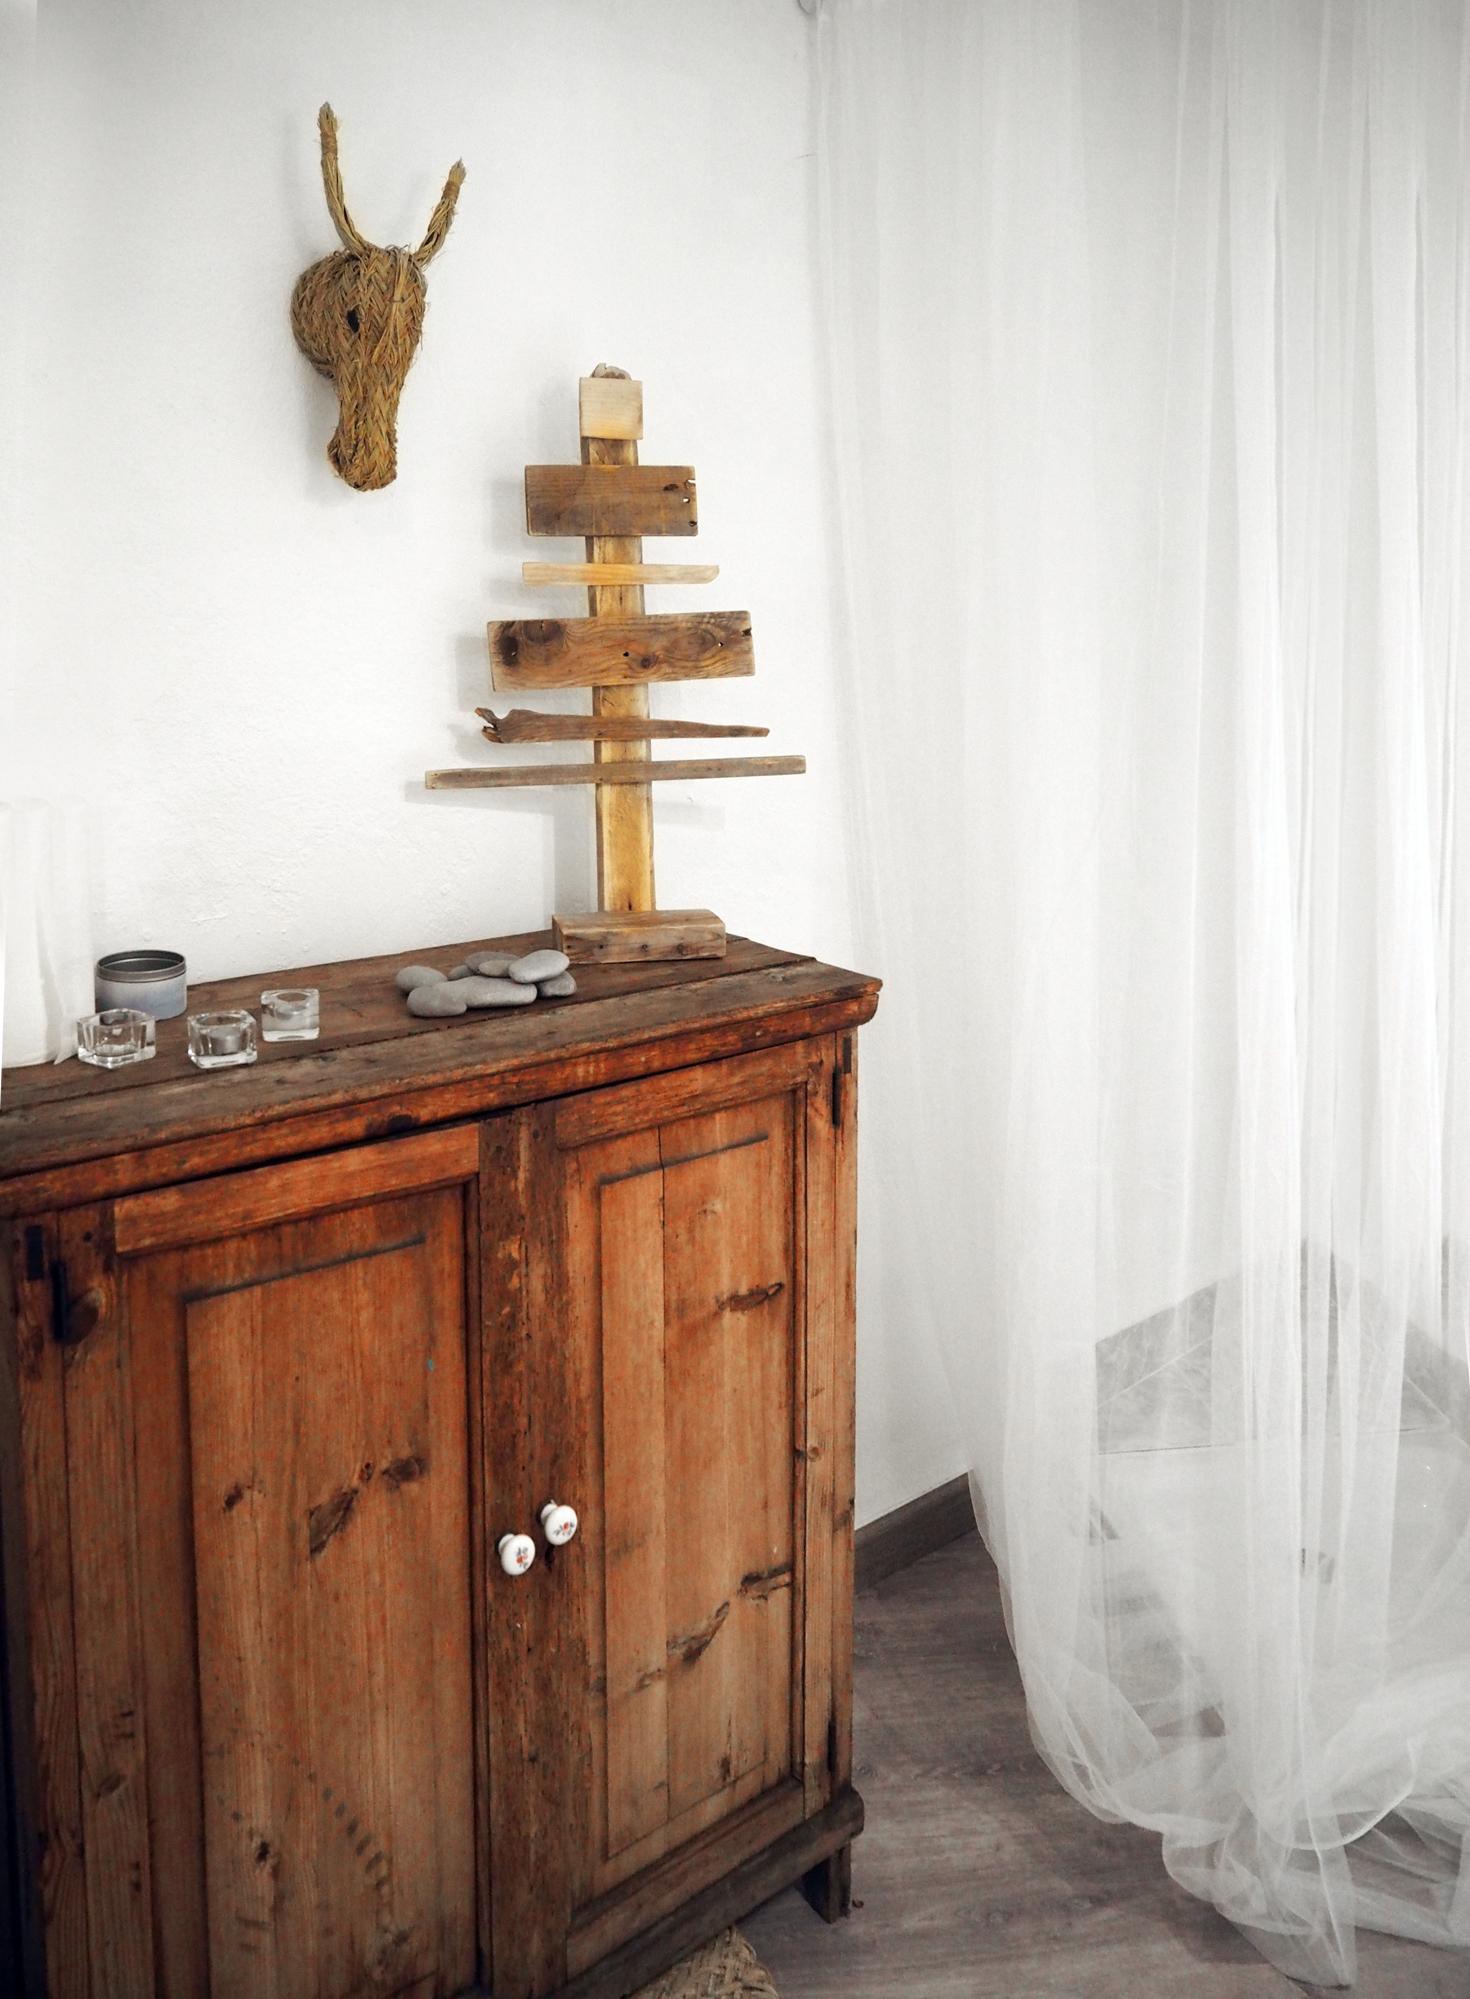 deguayhaus-interior-design-20